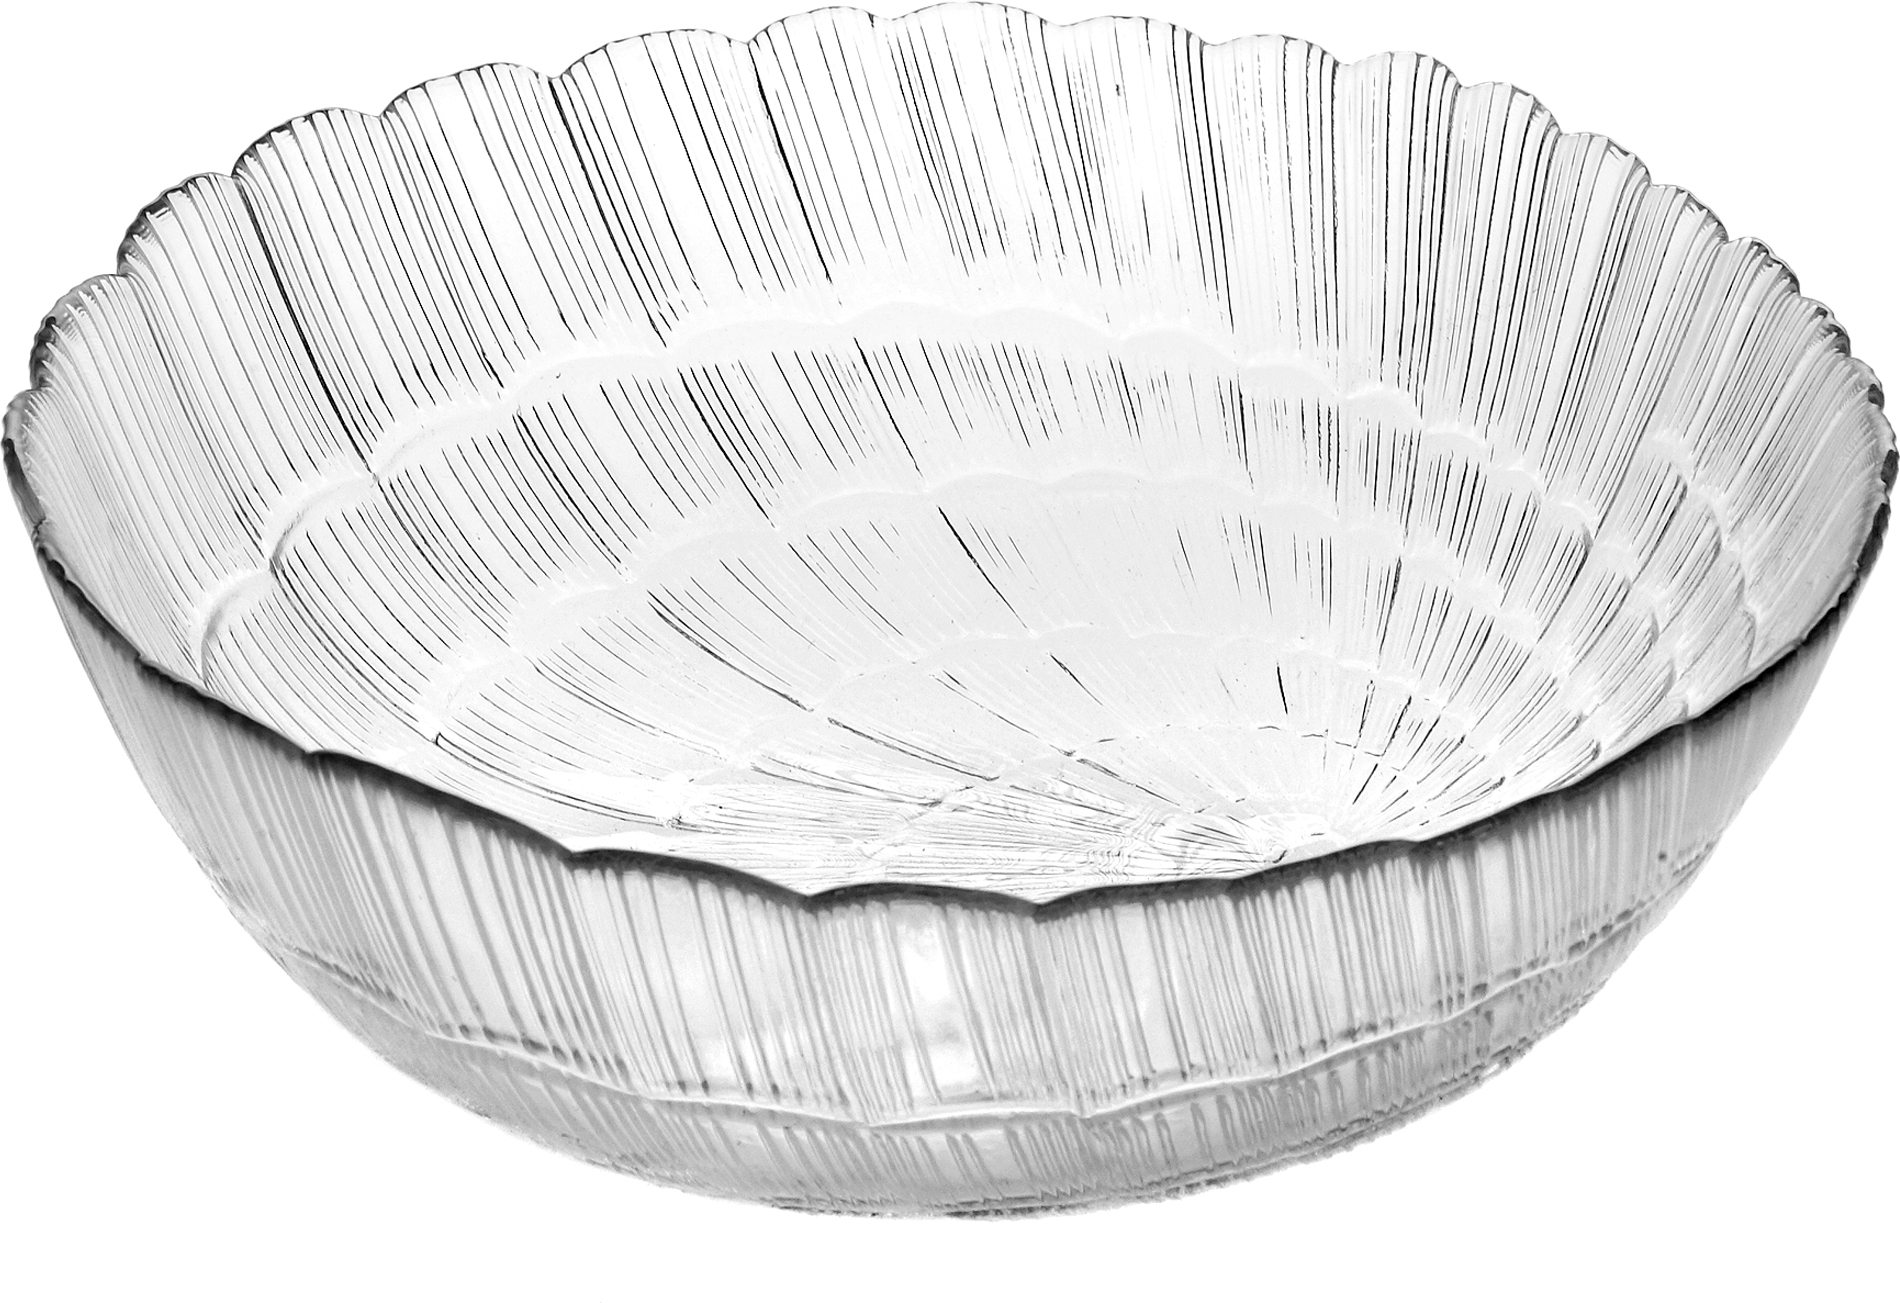 Салатник Pasabahce Атлантис, цвет: прозрачный, диаметр 12 см10248SLBСалатник Pasabahce Атлантис изготовлен из прочного силикатного стекла с повышенной термостойкостью. Стенки украшены изящным рельефом. Салатник прекрасно подходит для подачи салатов, закусок и других блюд, например, мяса.Салатник красиво оформит праздничный стол и удивит вас стильным дизайном. Можно мыть в посудомоечной машине и использовать в микроволновой печи.